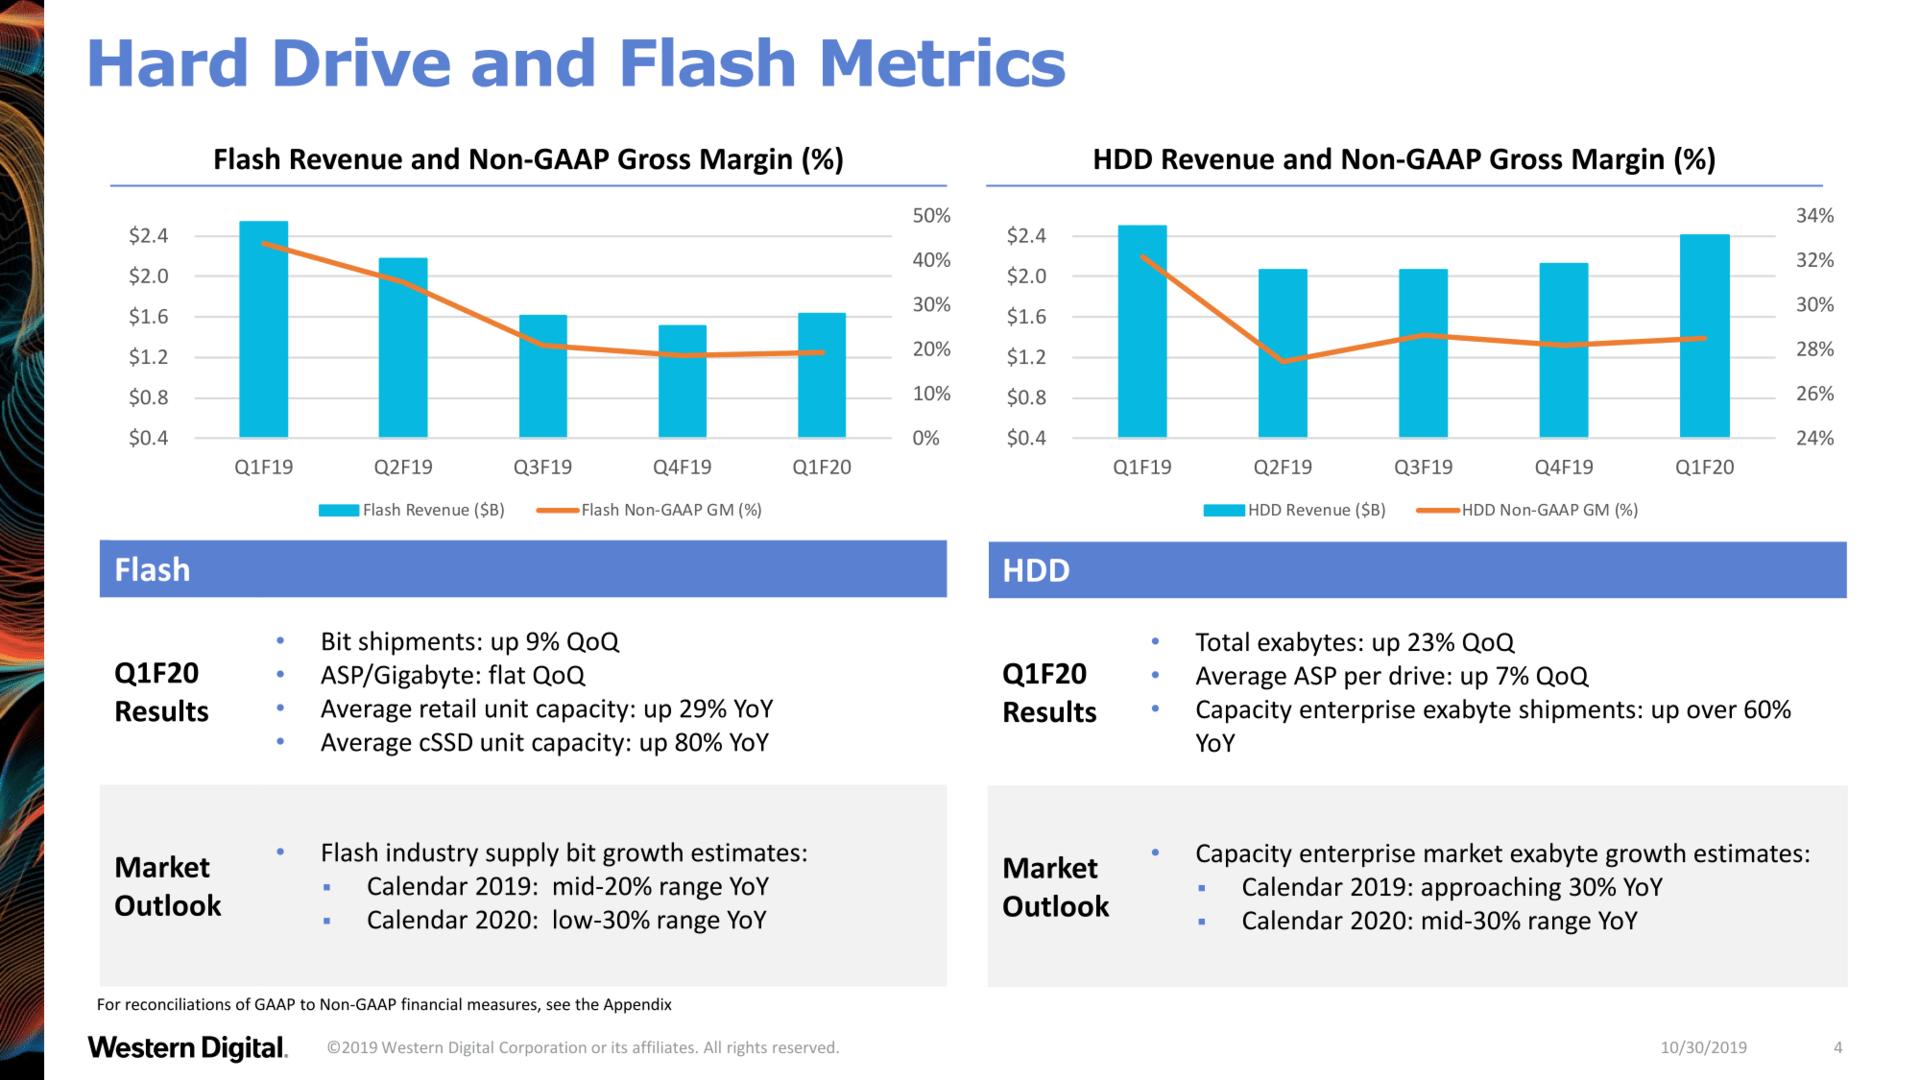 Umsatzentwicklung bei Flash und HDD